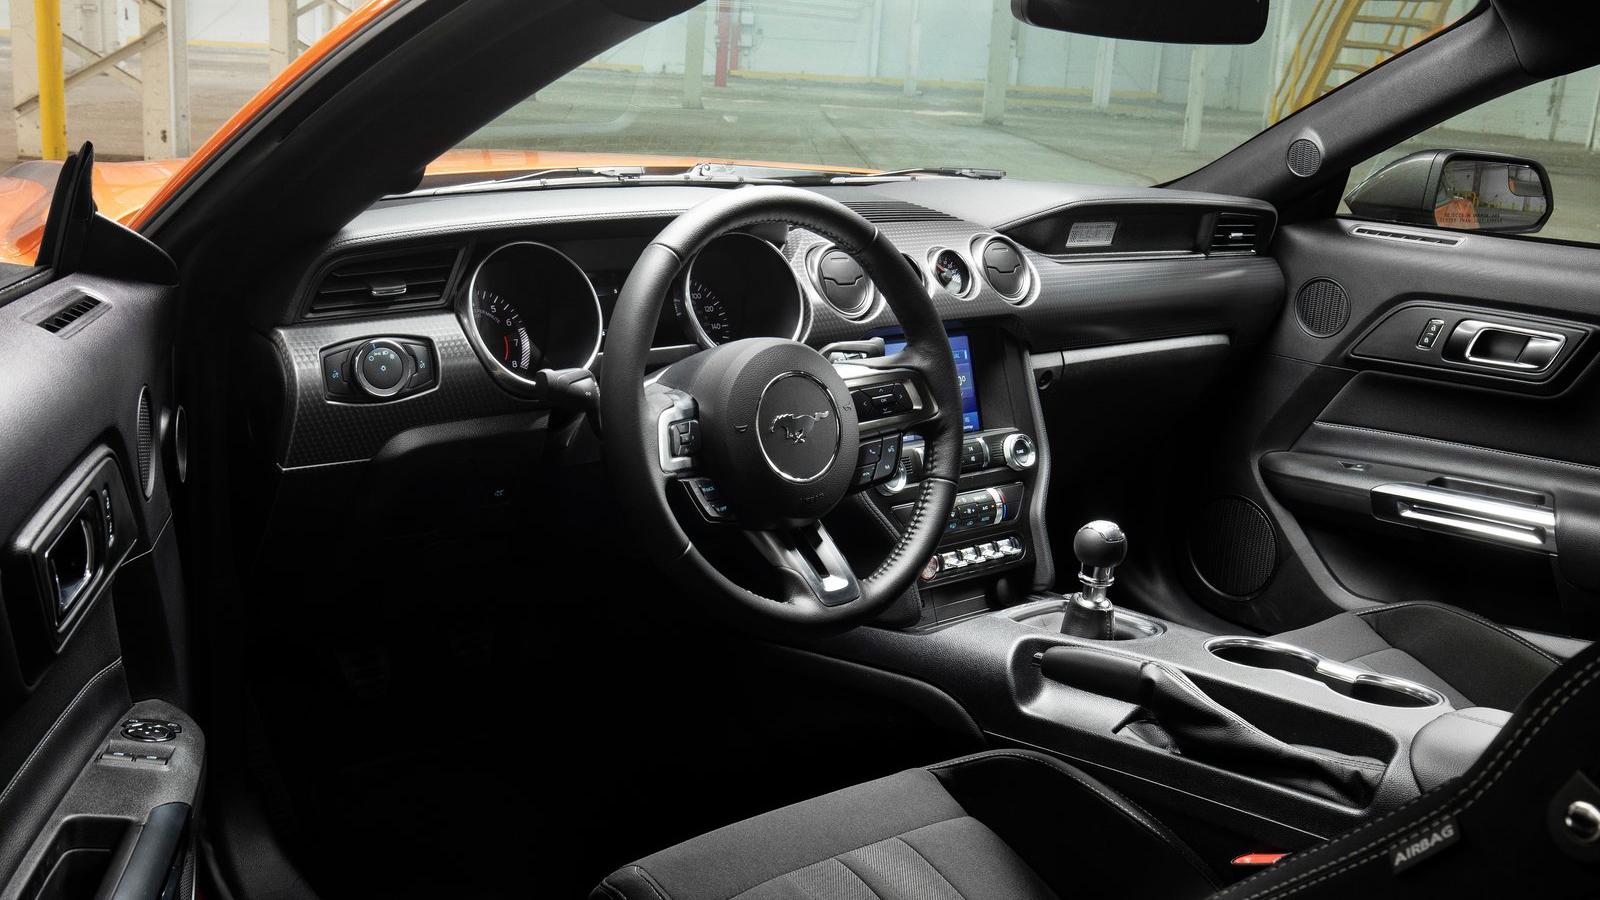 Το εσωτερικό της Ford Mustang